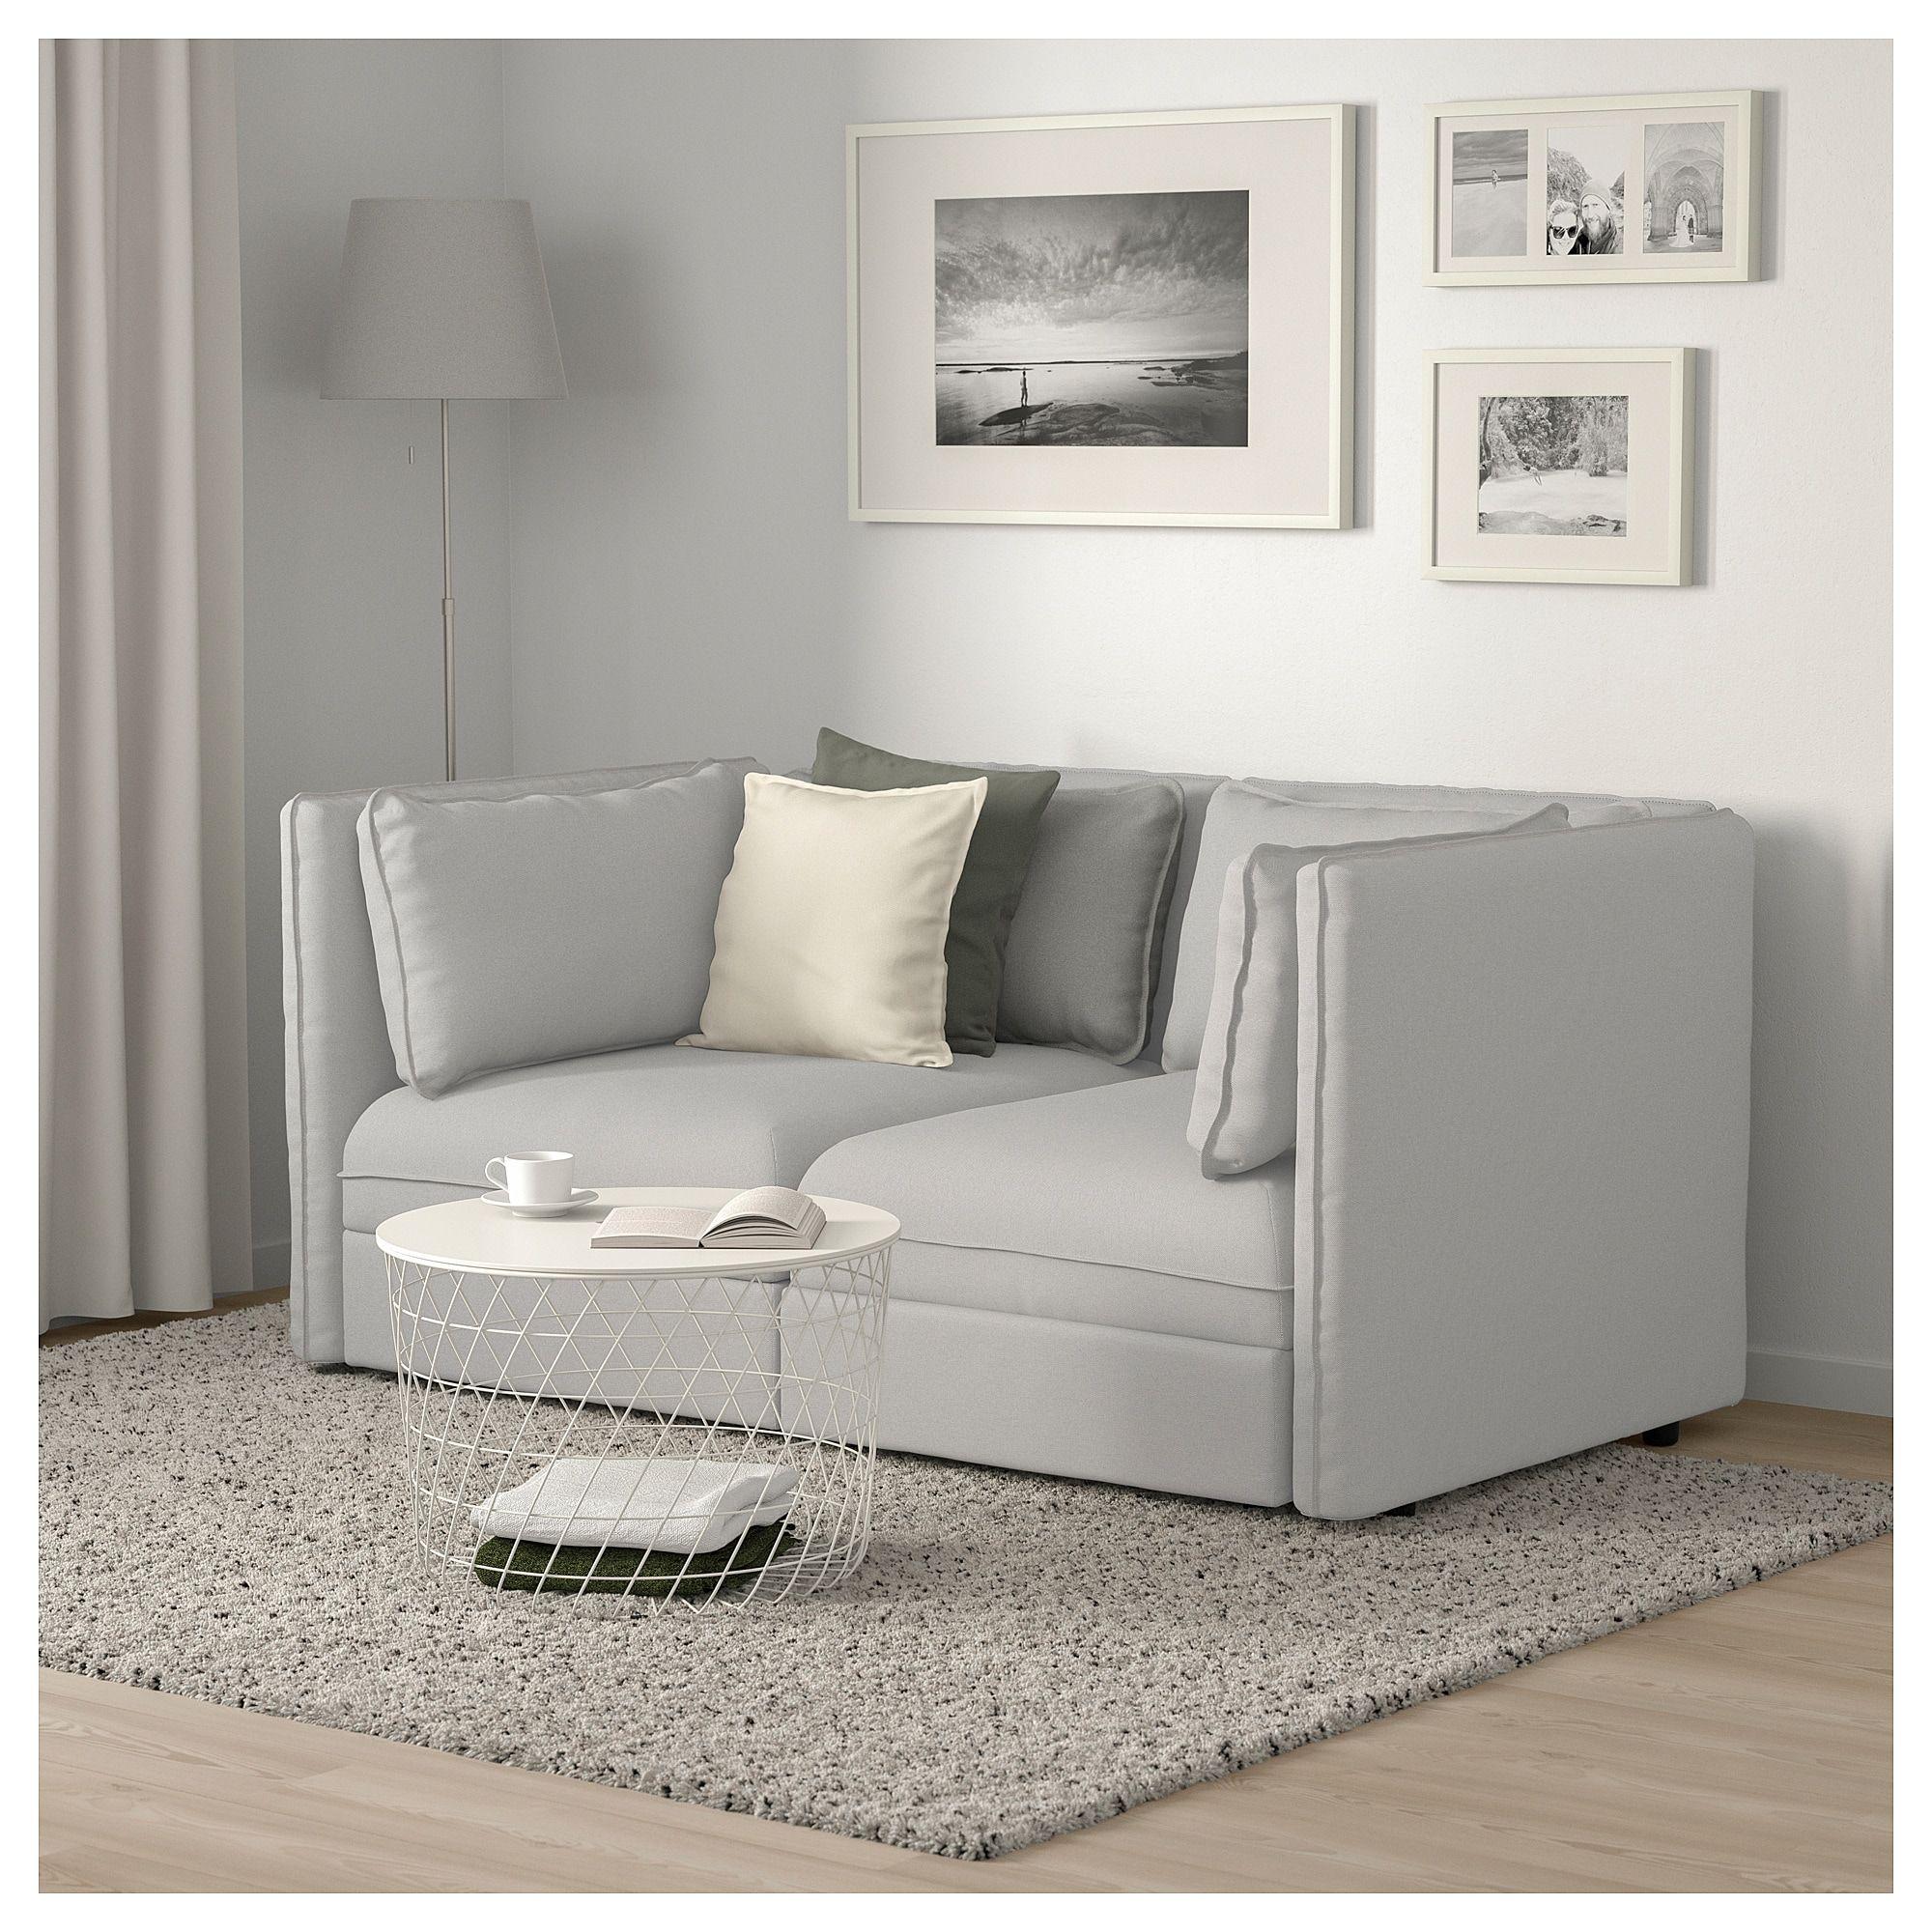 IKEA - VALLENTUNA Modular loveseat Orrsta light gray ...